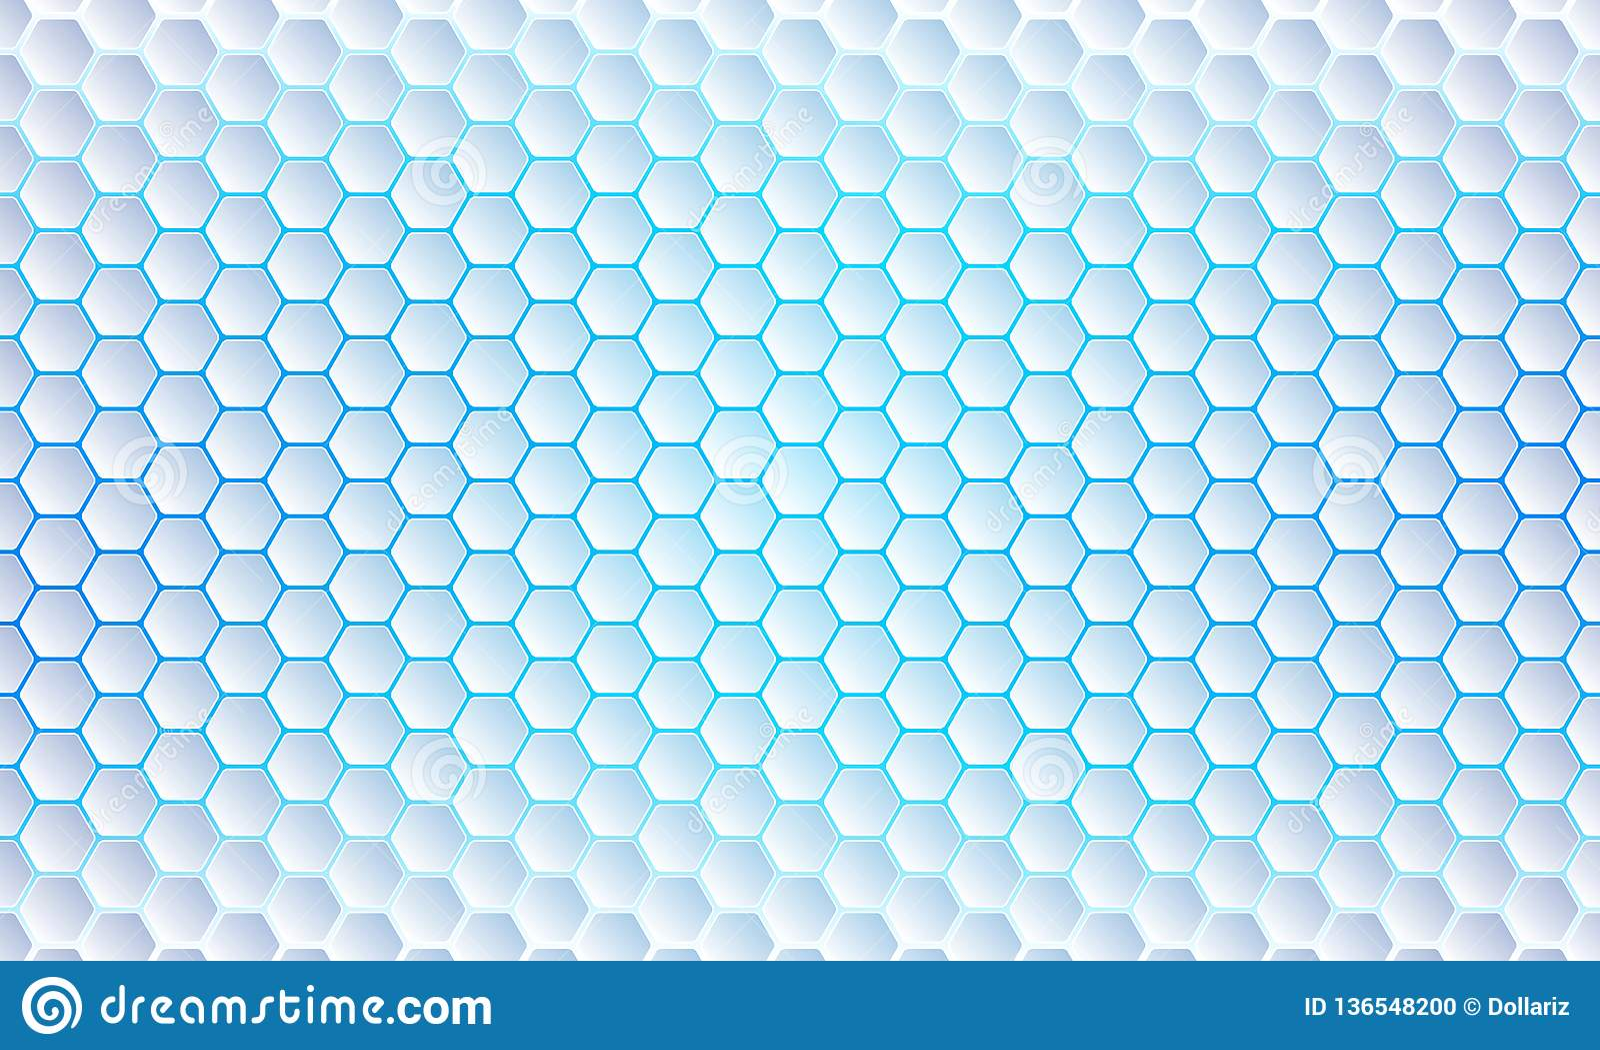 Μπλε Hexagon υπόβαθρο, σύγχρονο αφηρημένο, φουτουριστικό γεωμετρικό διανυσματικό υπόβαθρο